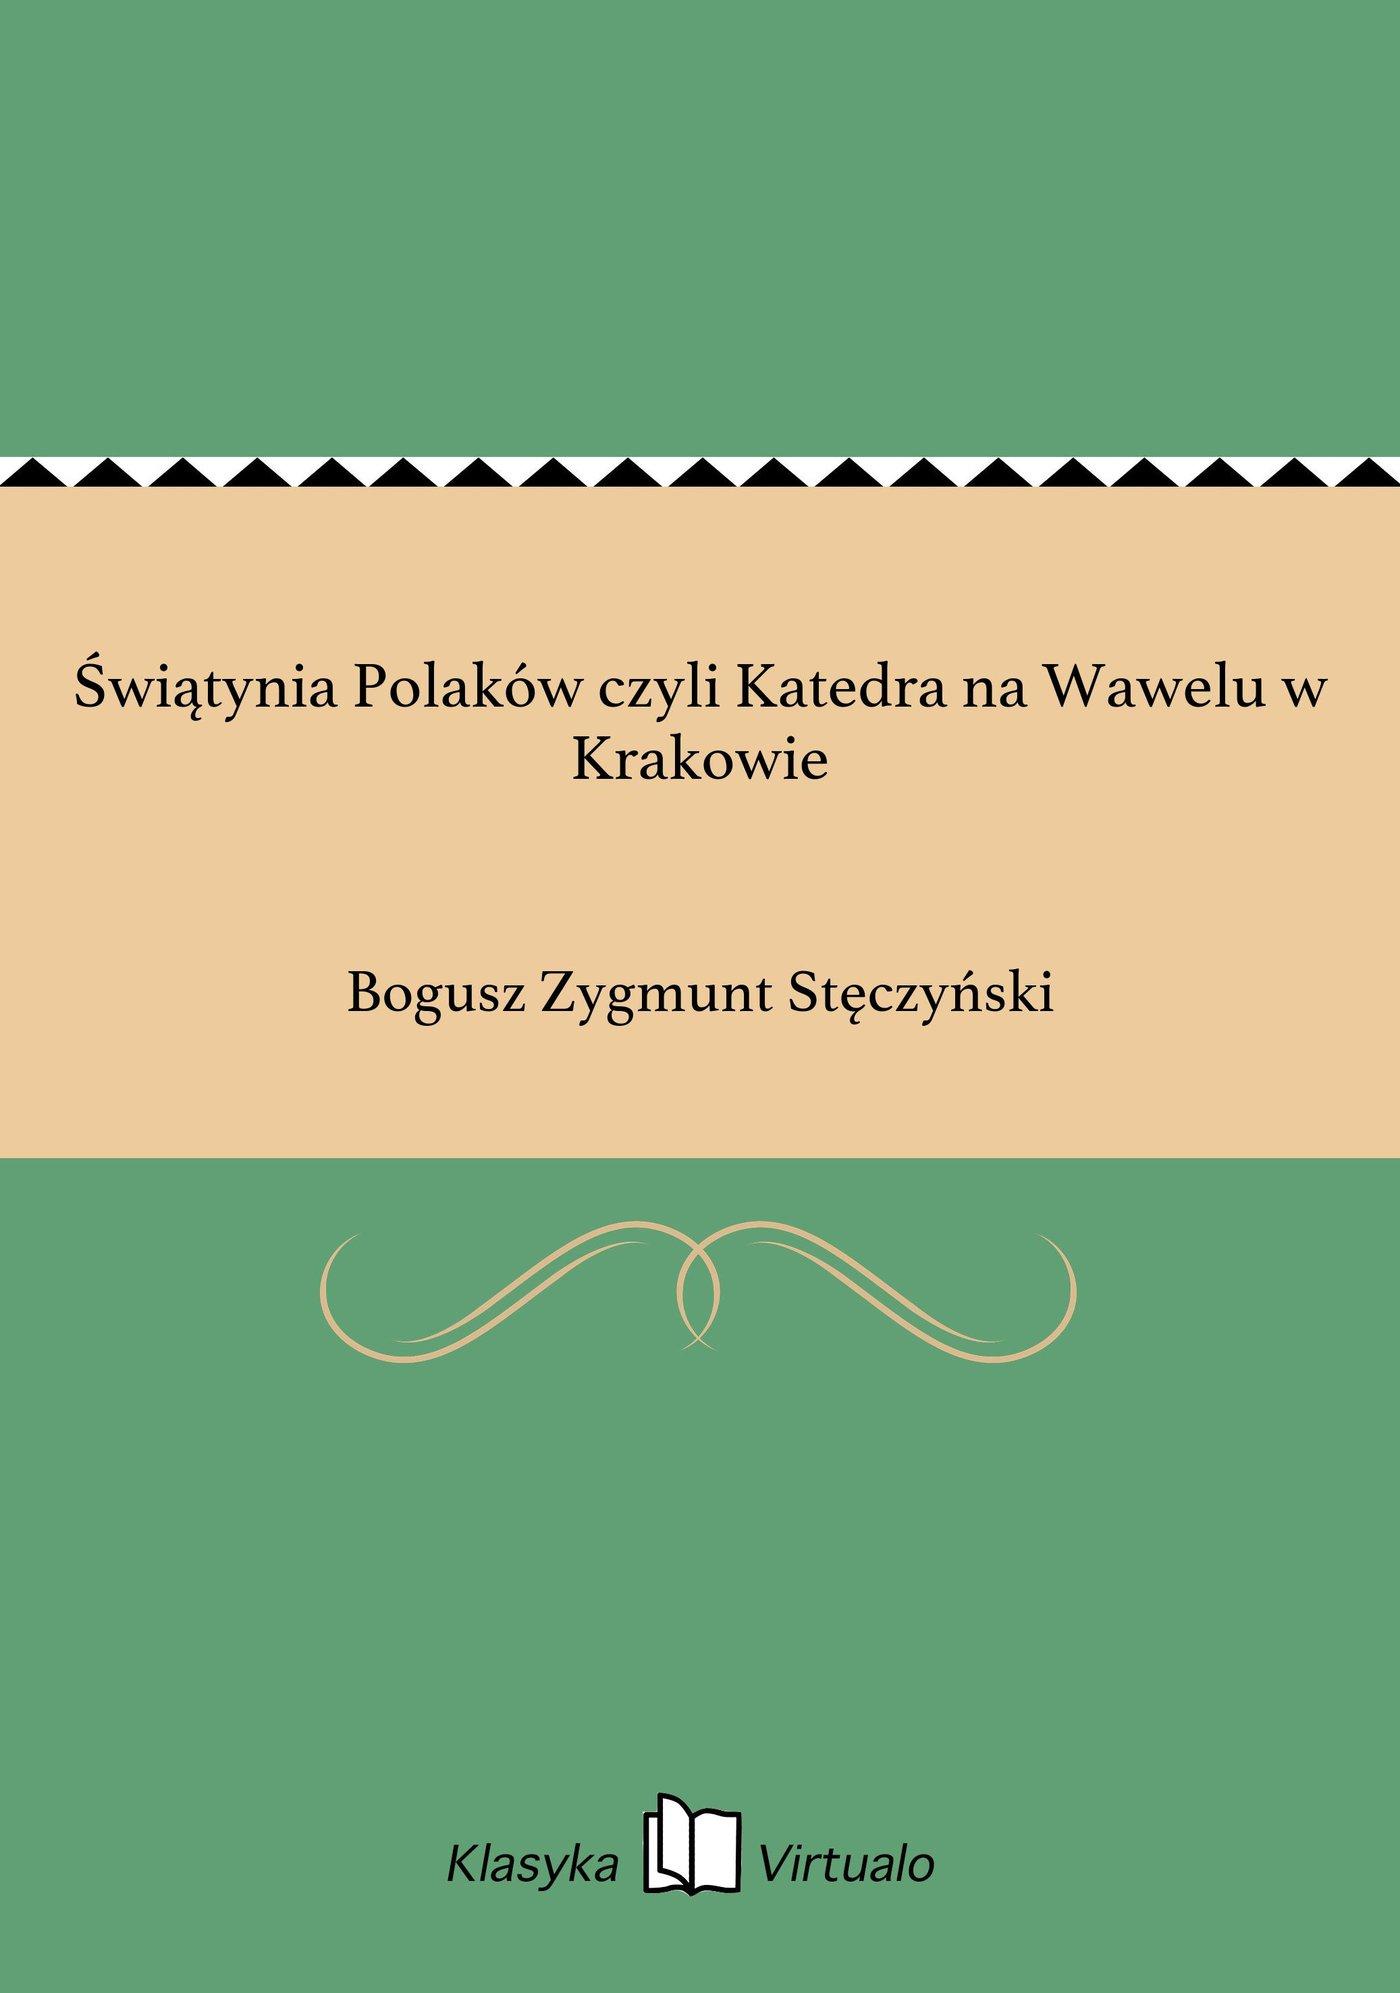 Świątynia Polaków czyli Katedra na Wawelu w Krakowie - Ebook (Książka EPUB) do pobrania w formacie EPUB